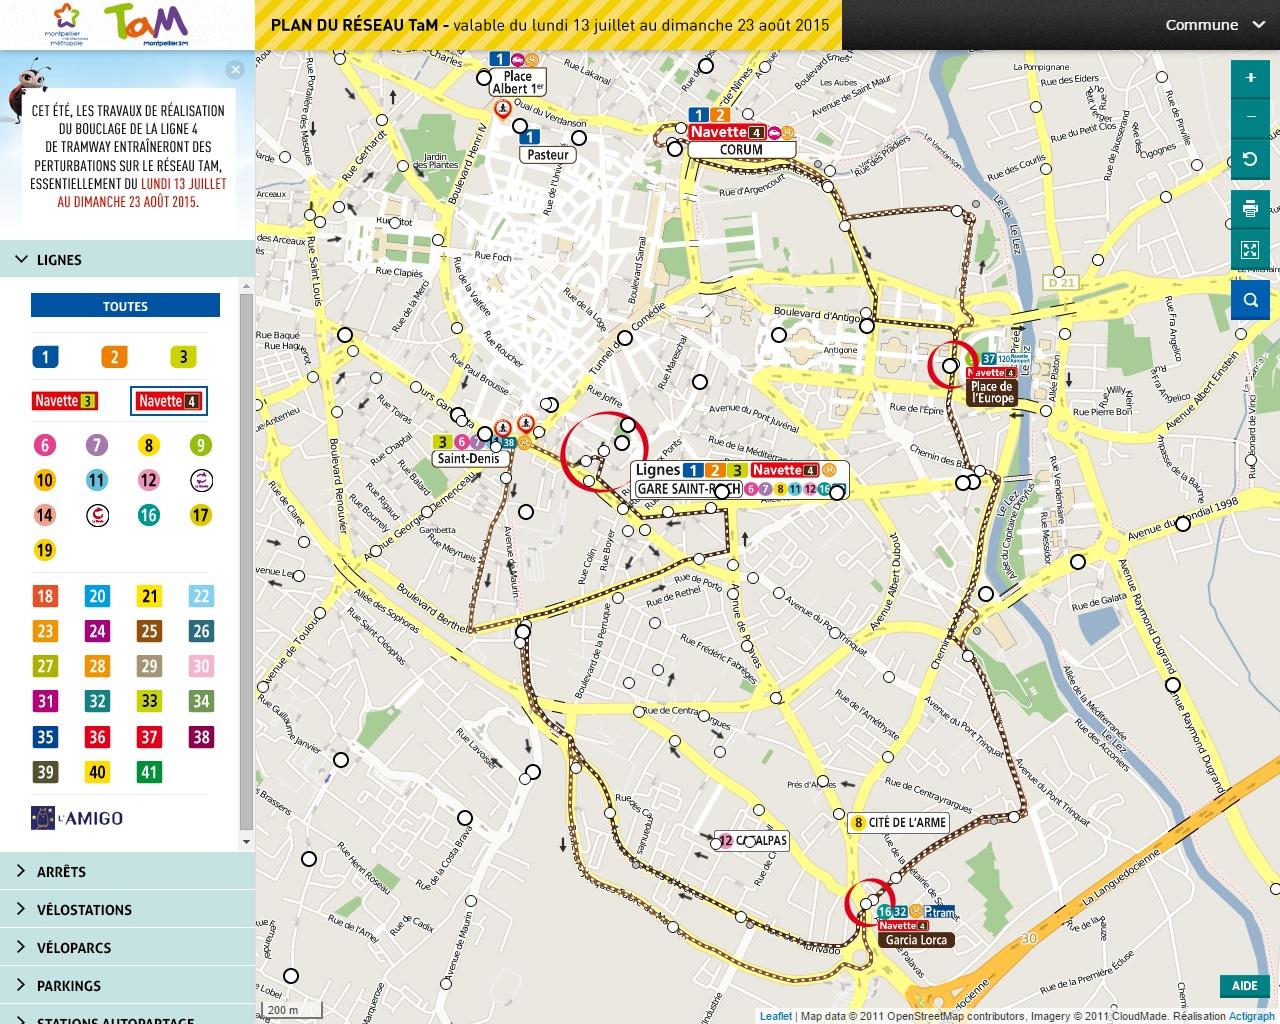 Ligne v1 bus - Horaire tram montpellier ...